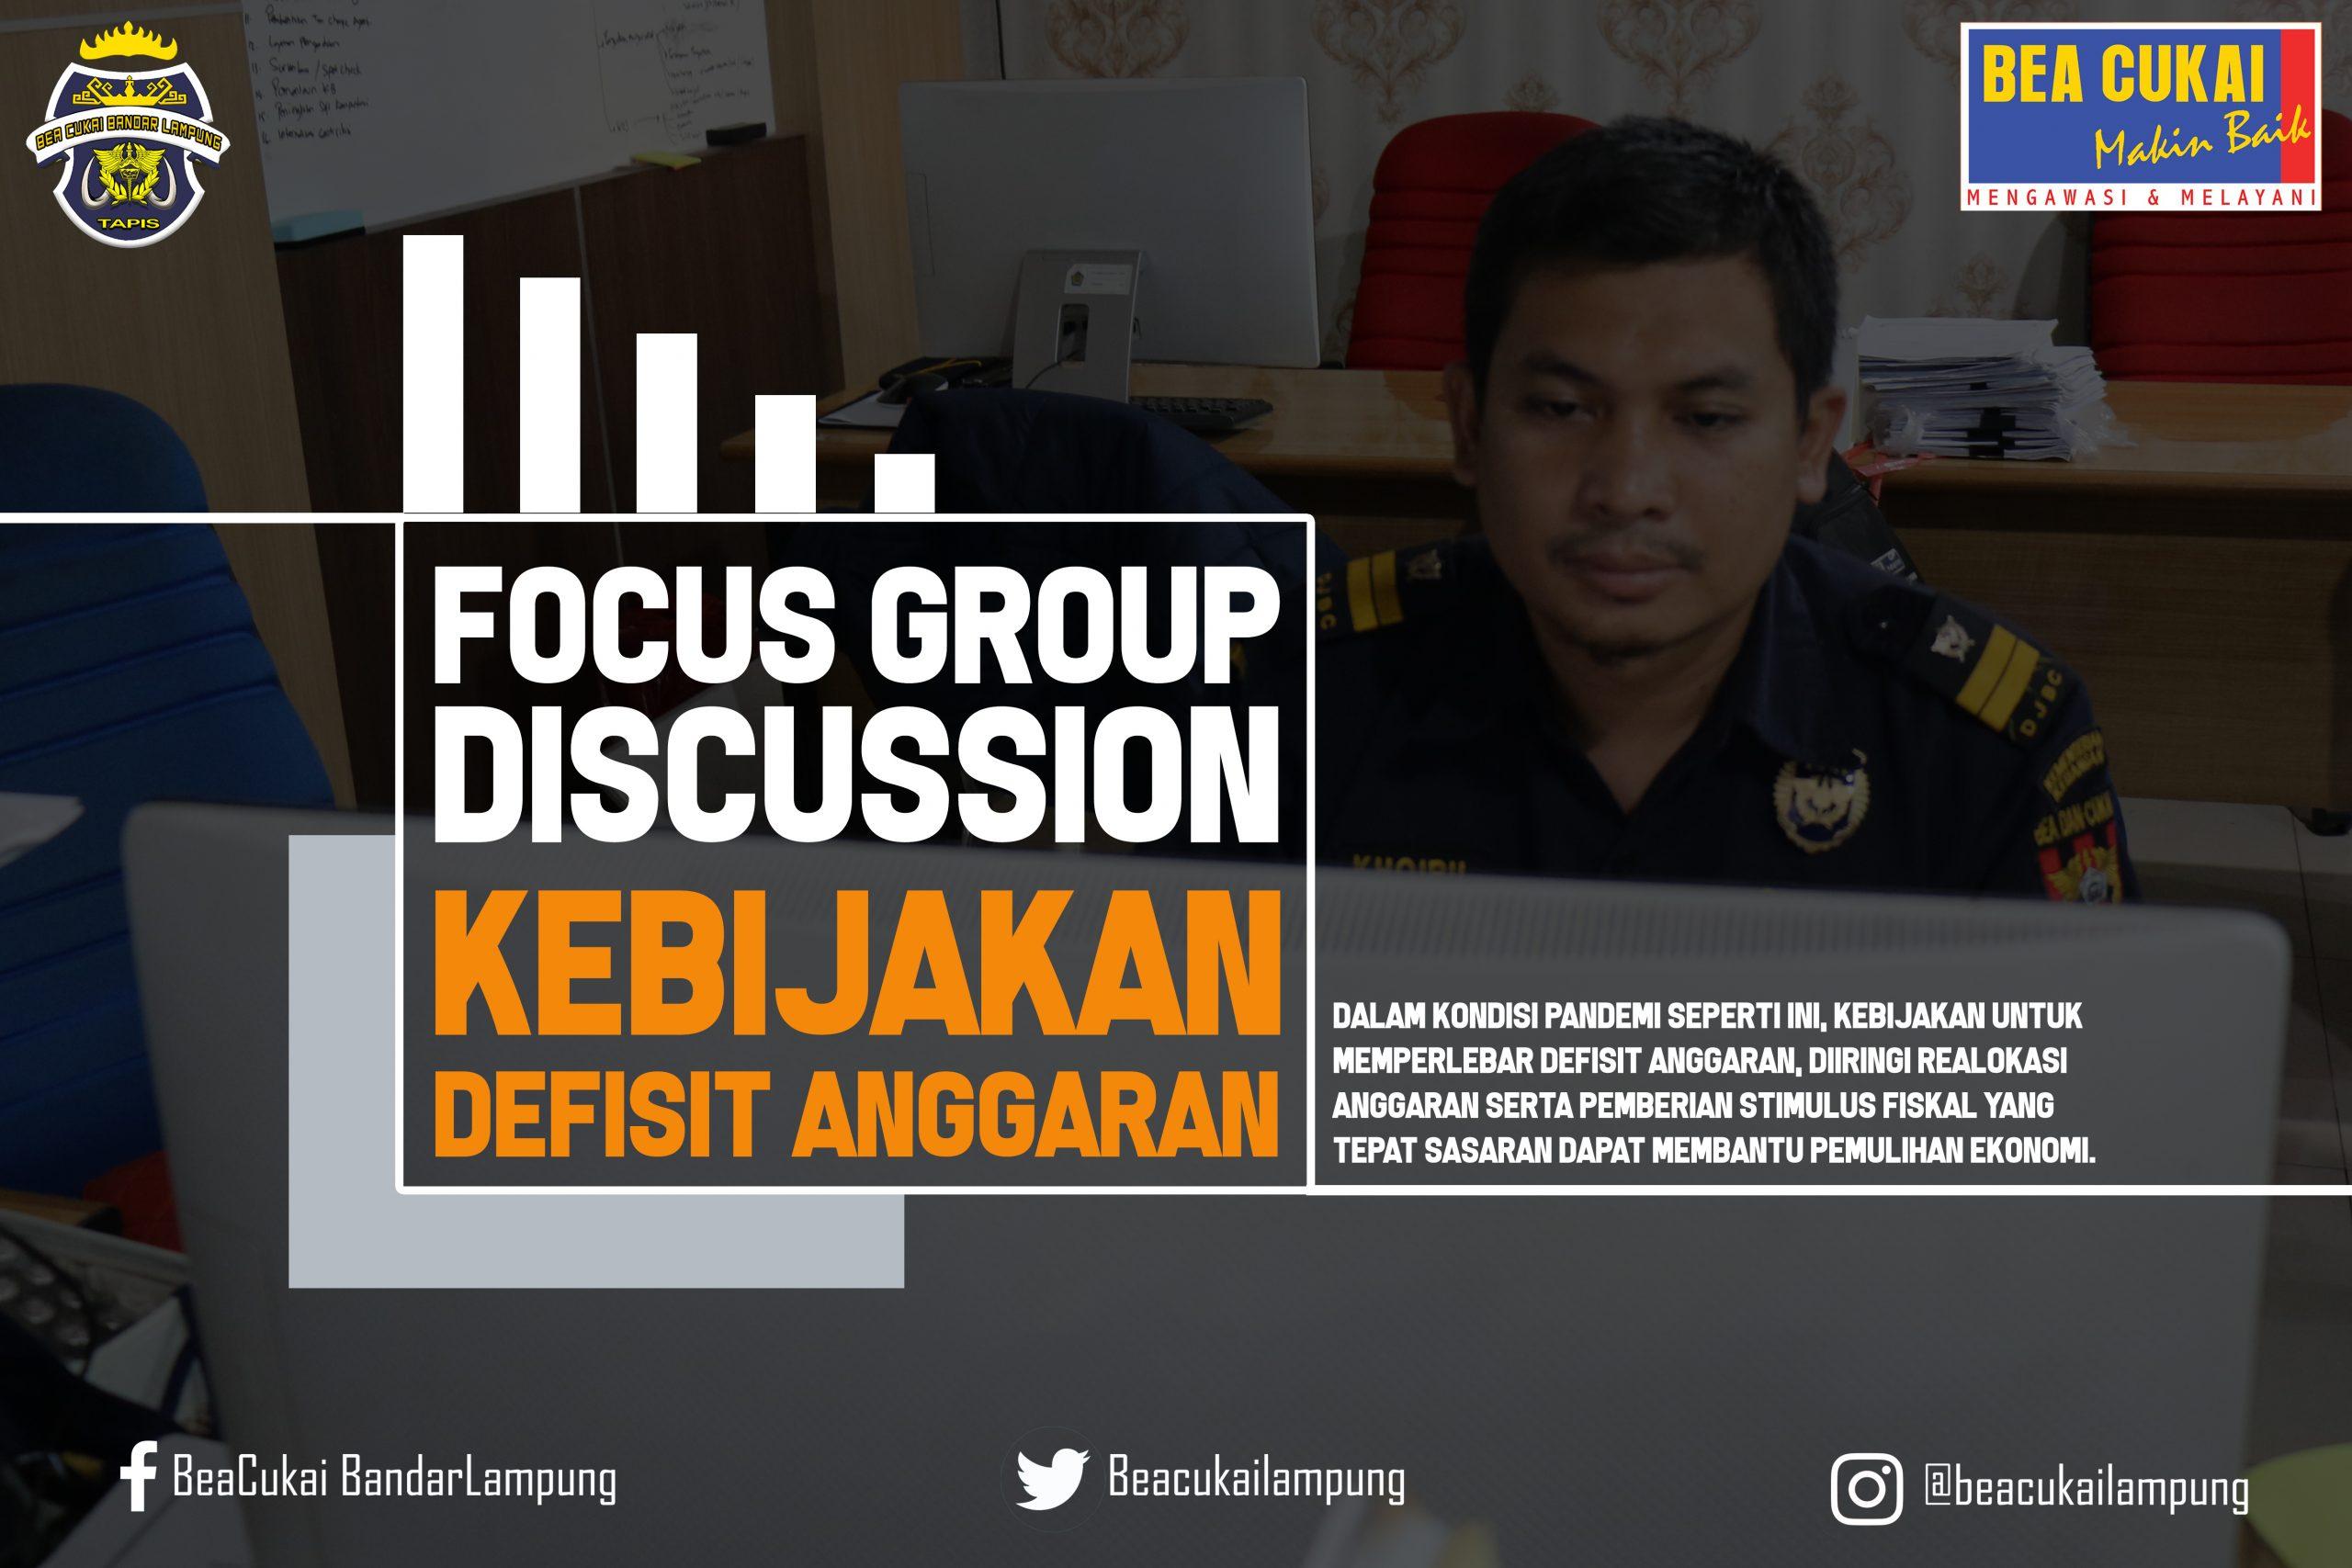 Genjot Pemulihan Ekonomi, Bea Cukai Lampung Adakan Diskusi Kebijakan Defisit Anggaran